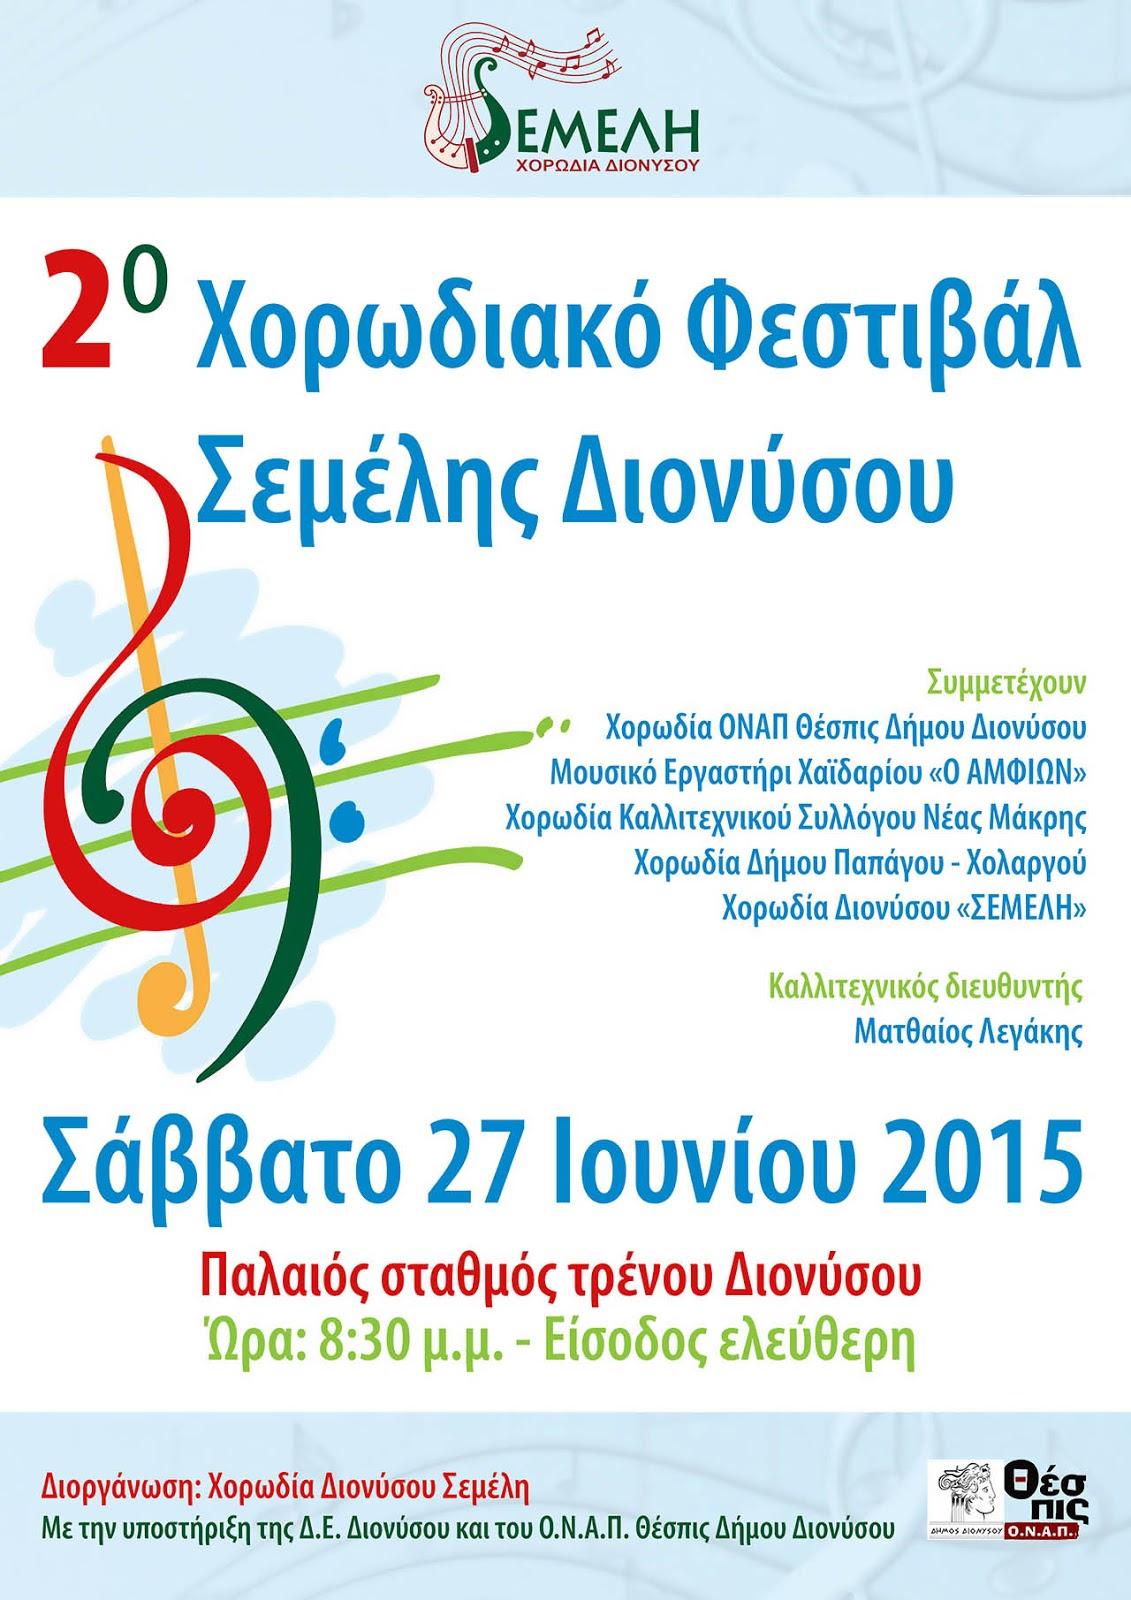 2ο Χορωδιακό Φεστιβάλ Σεμέλης Διονύσου